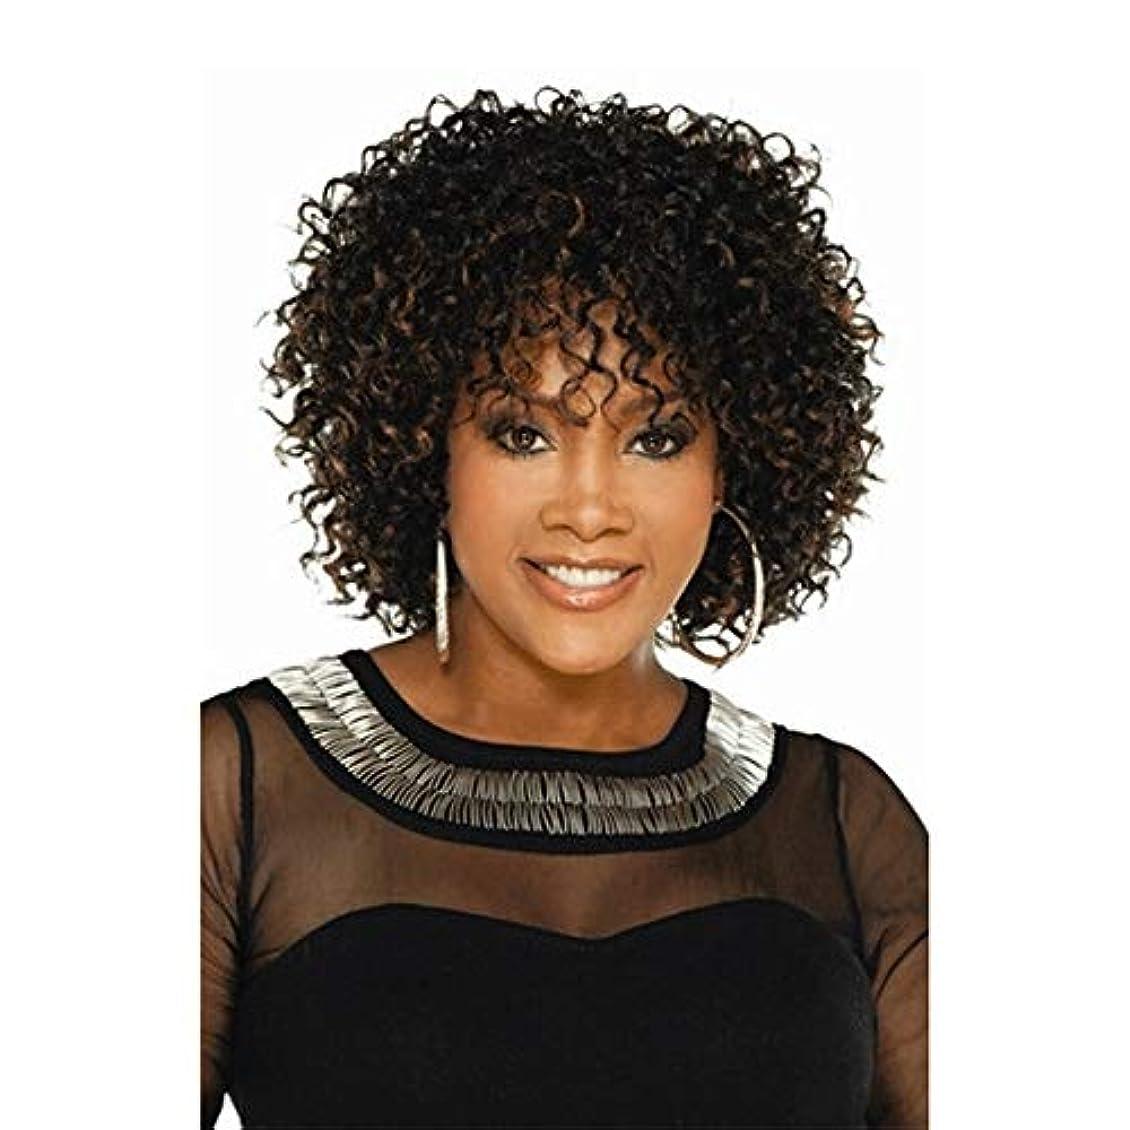 掘るバリケード匿名黒の女性のための女性の短い巻き毛のかつら、プレミアム合成かつら、弾む完全かつ自然な150%の密度 (色 : Brown)